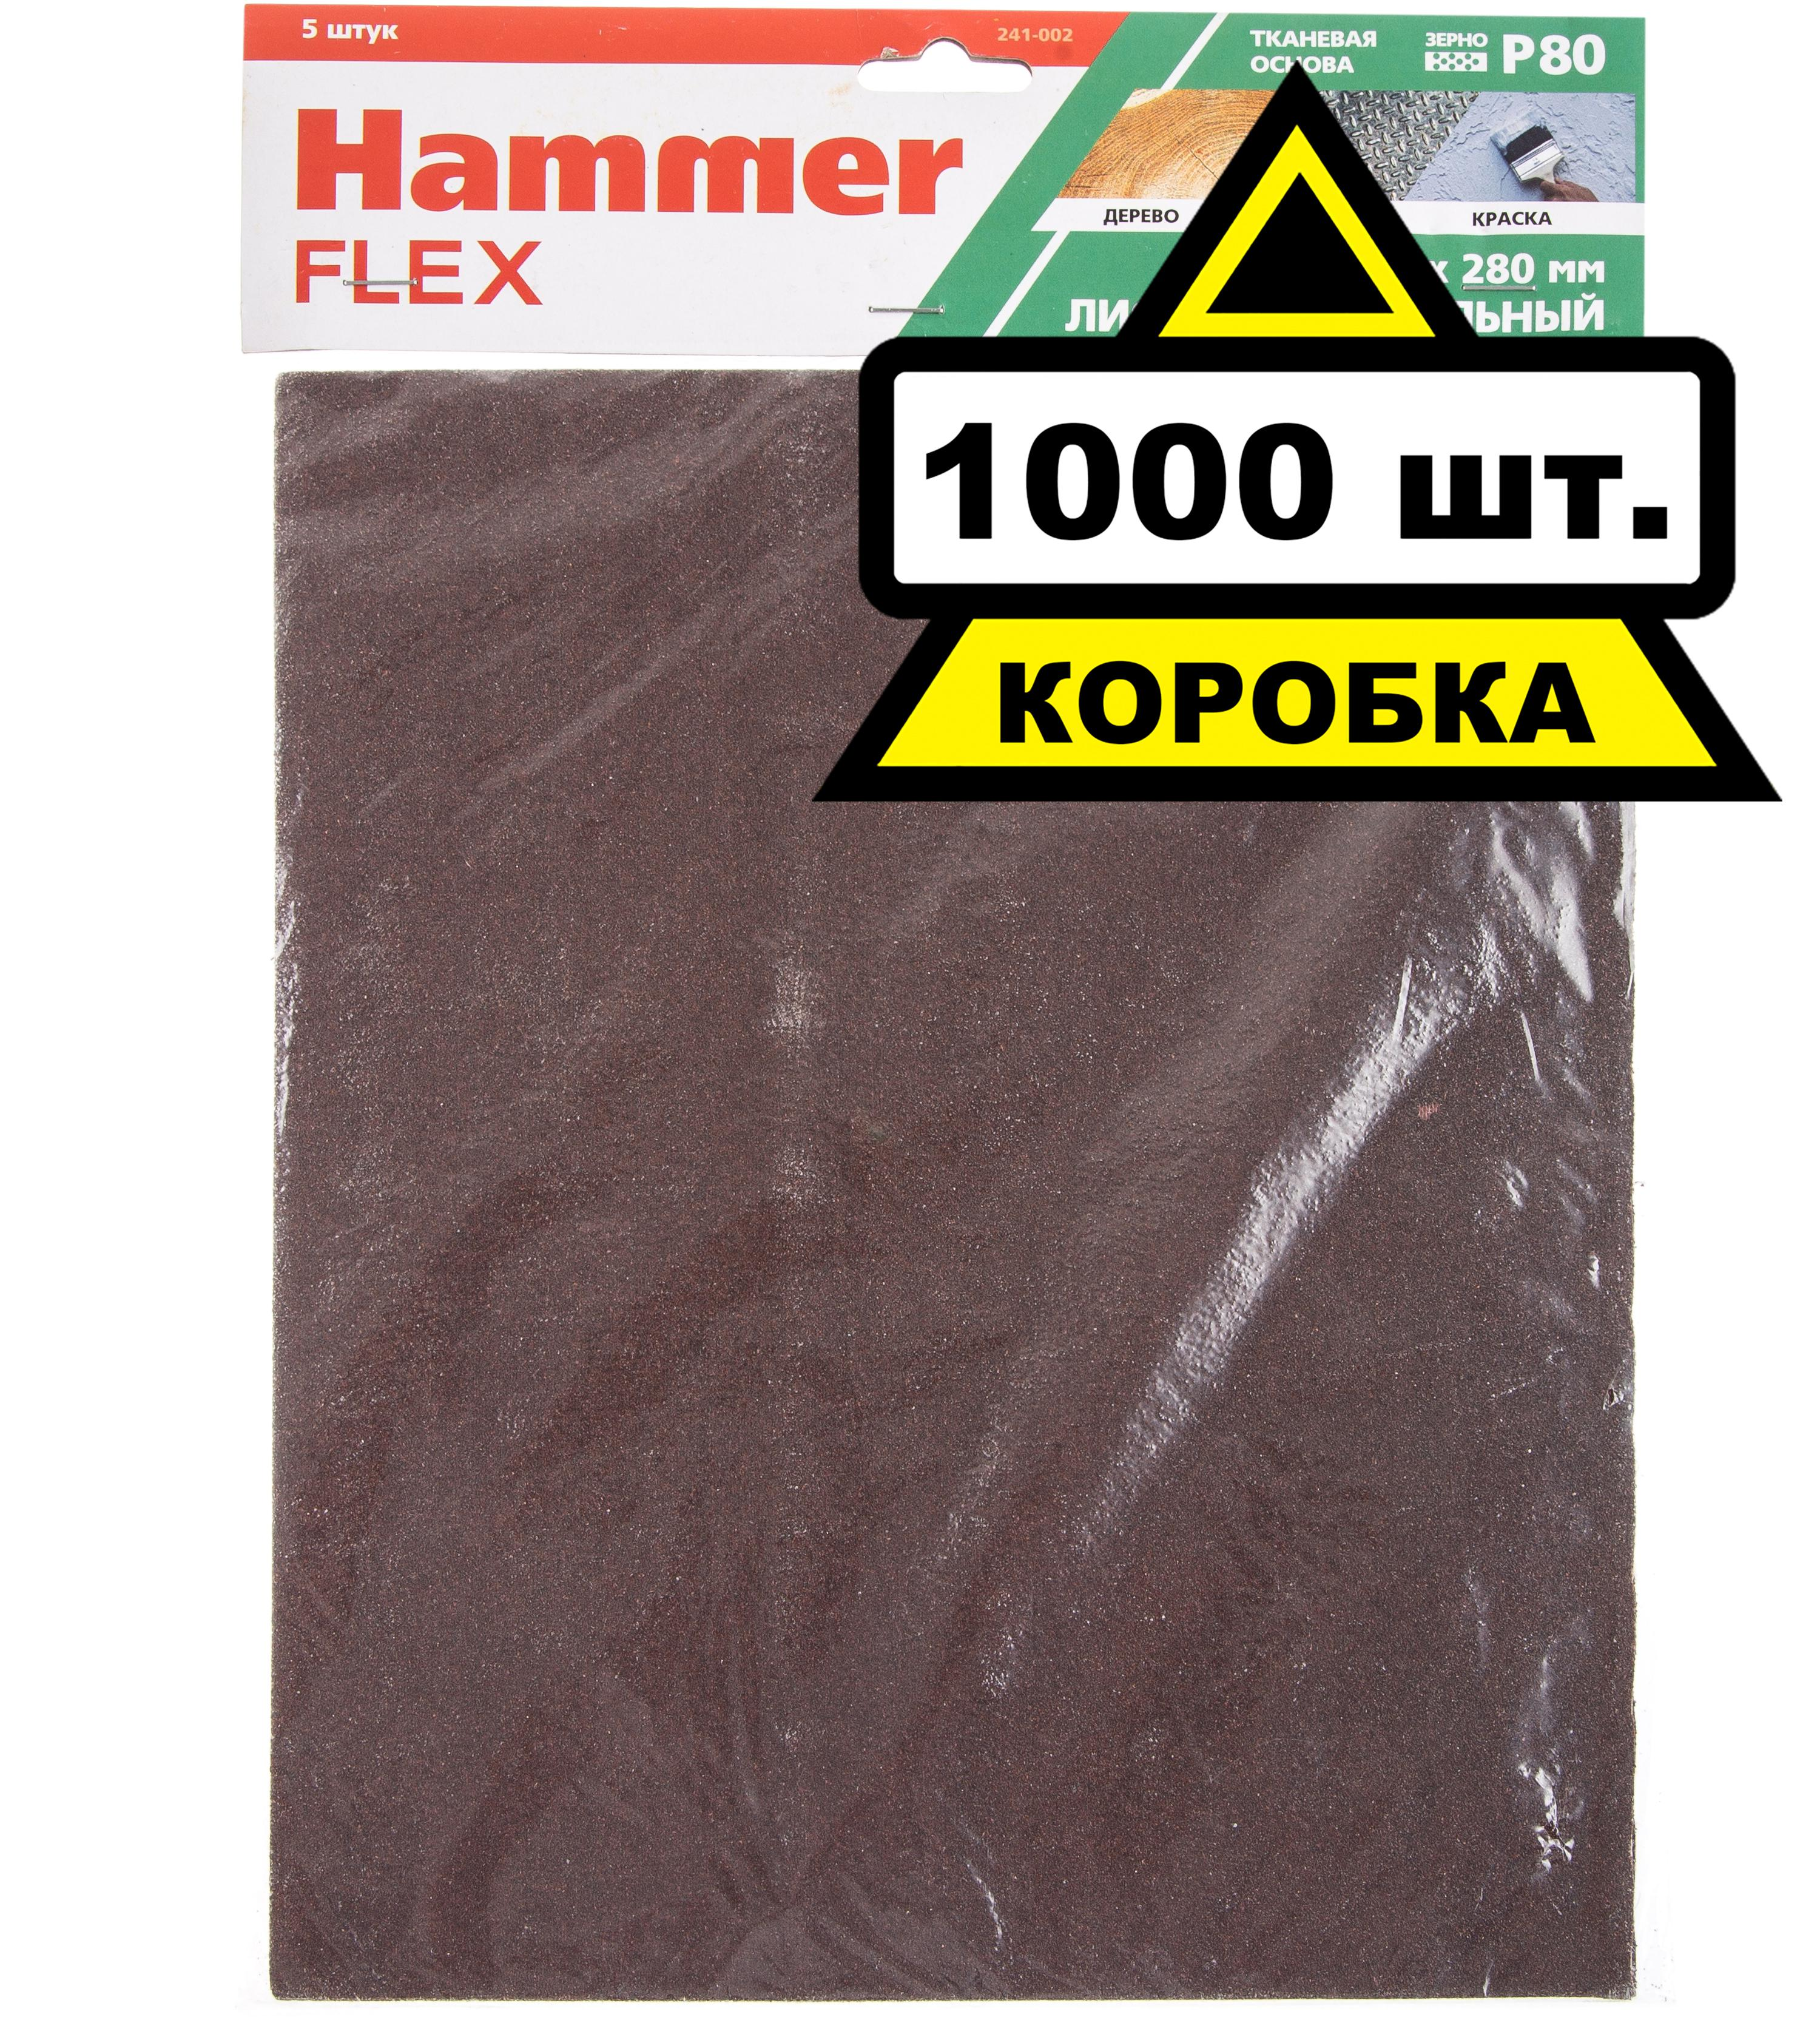 Купить Лист шлифовальный Hammer 230x280мм p80 тканевая основа